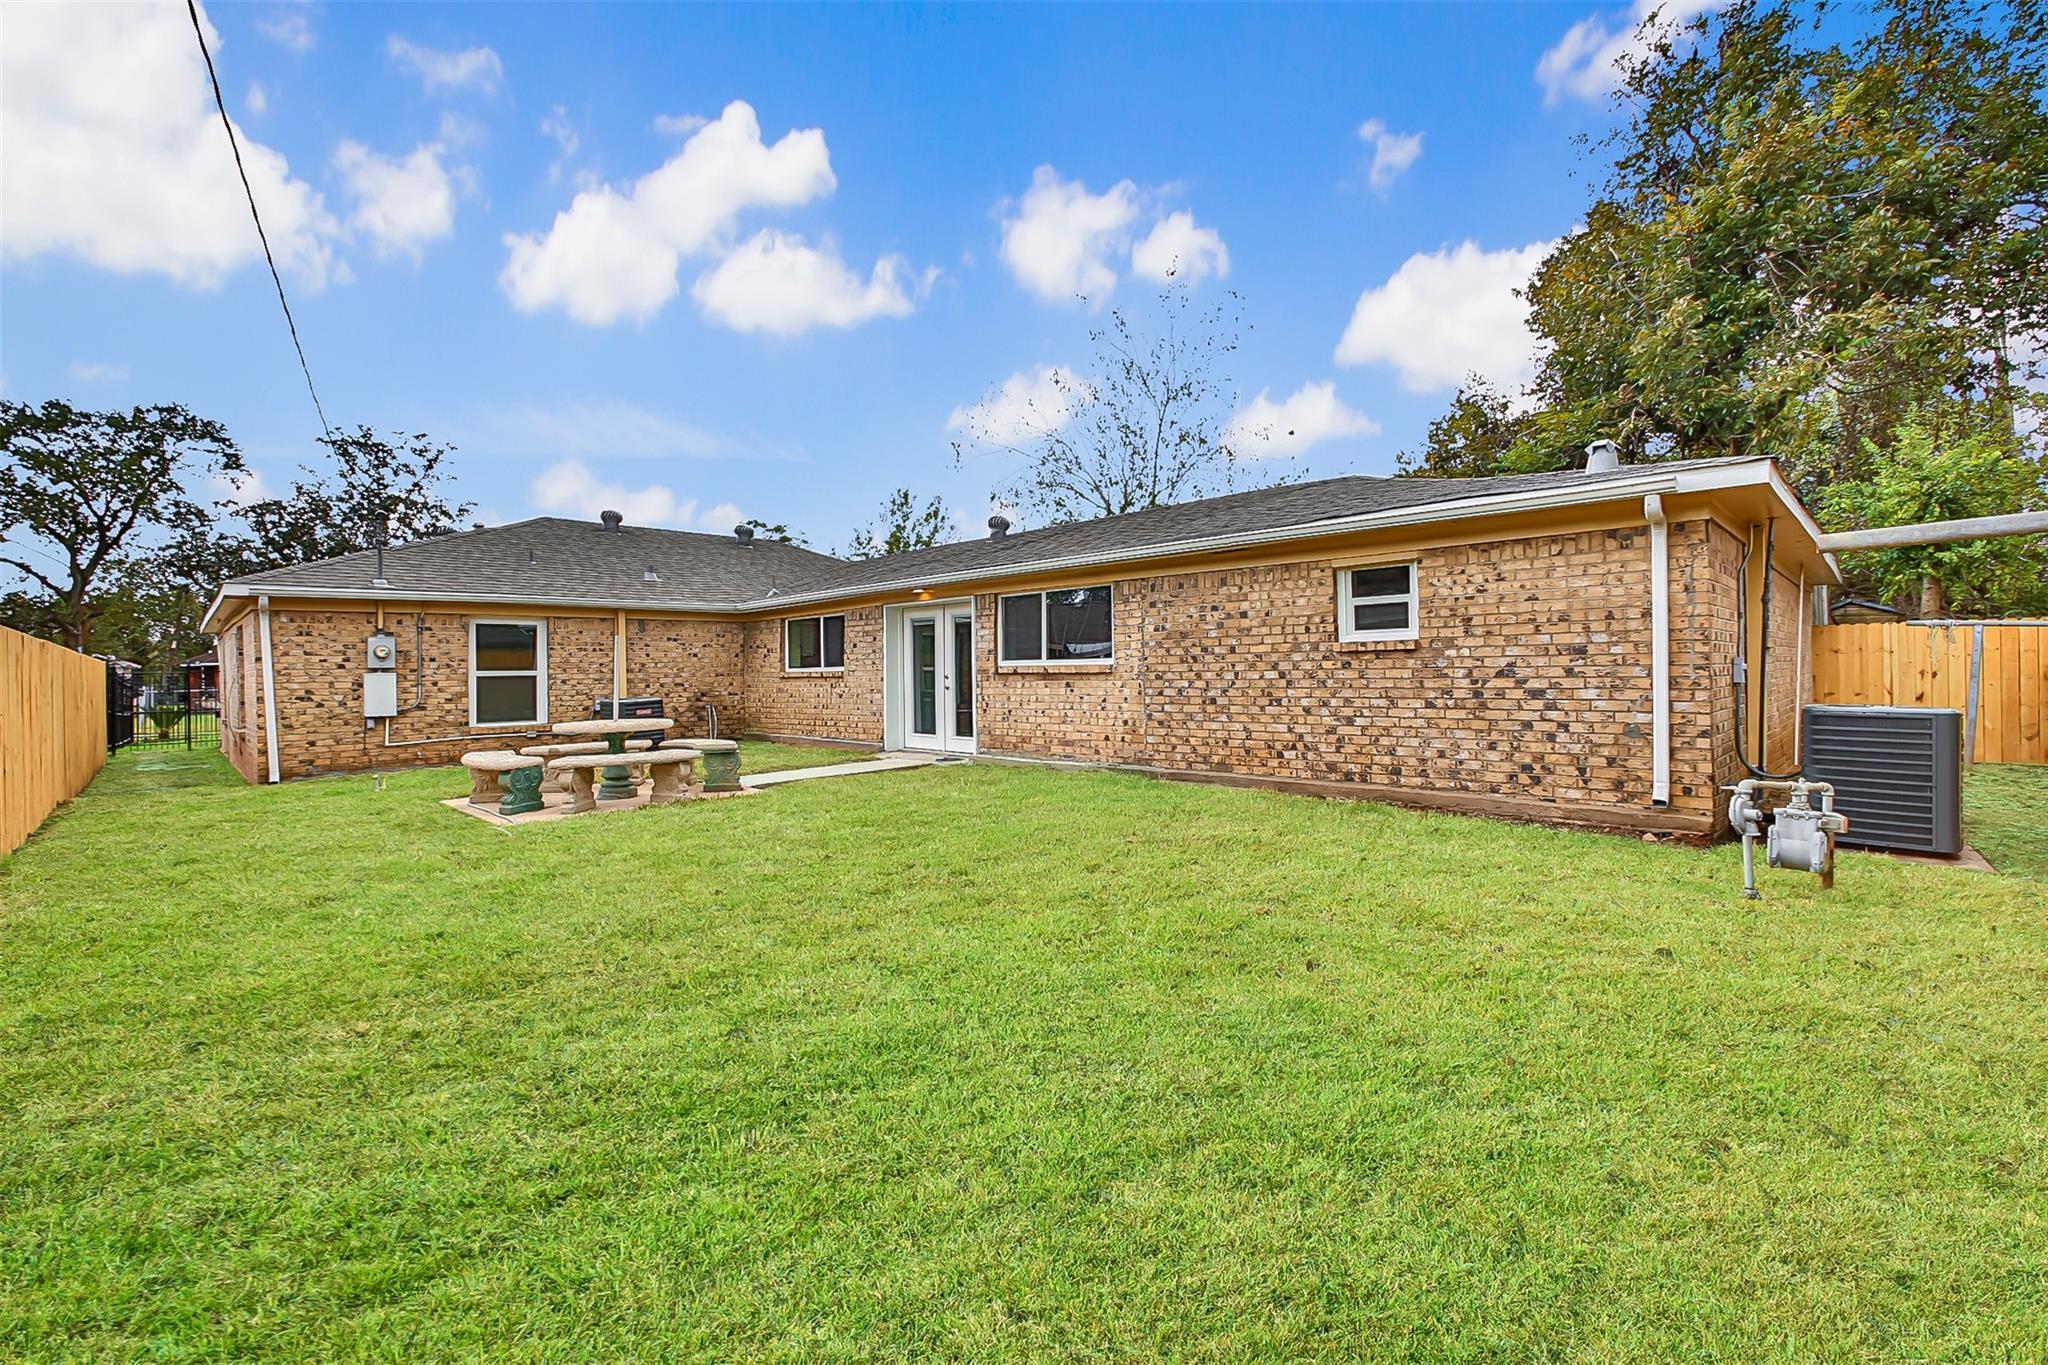 8535 Northton Street Property Photo - Houston, TX real estate listing